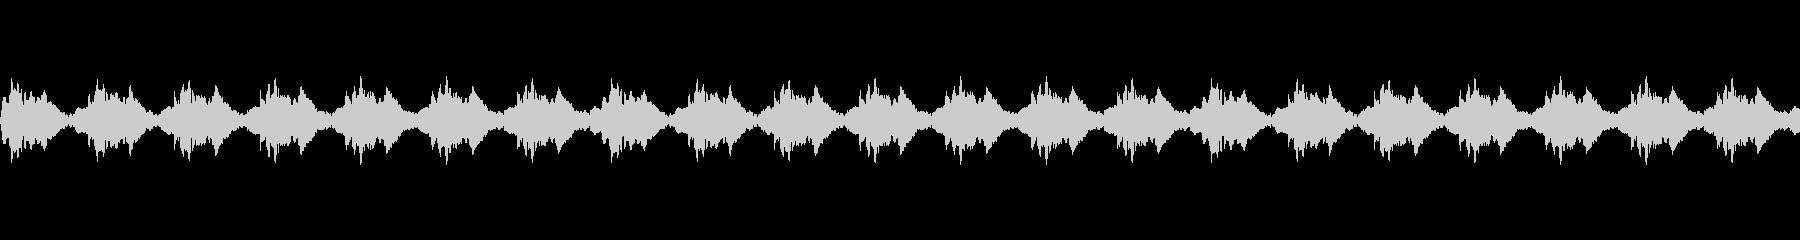 カーアラーム4の未再生の波形